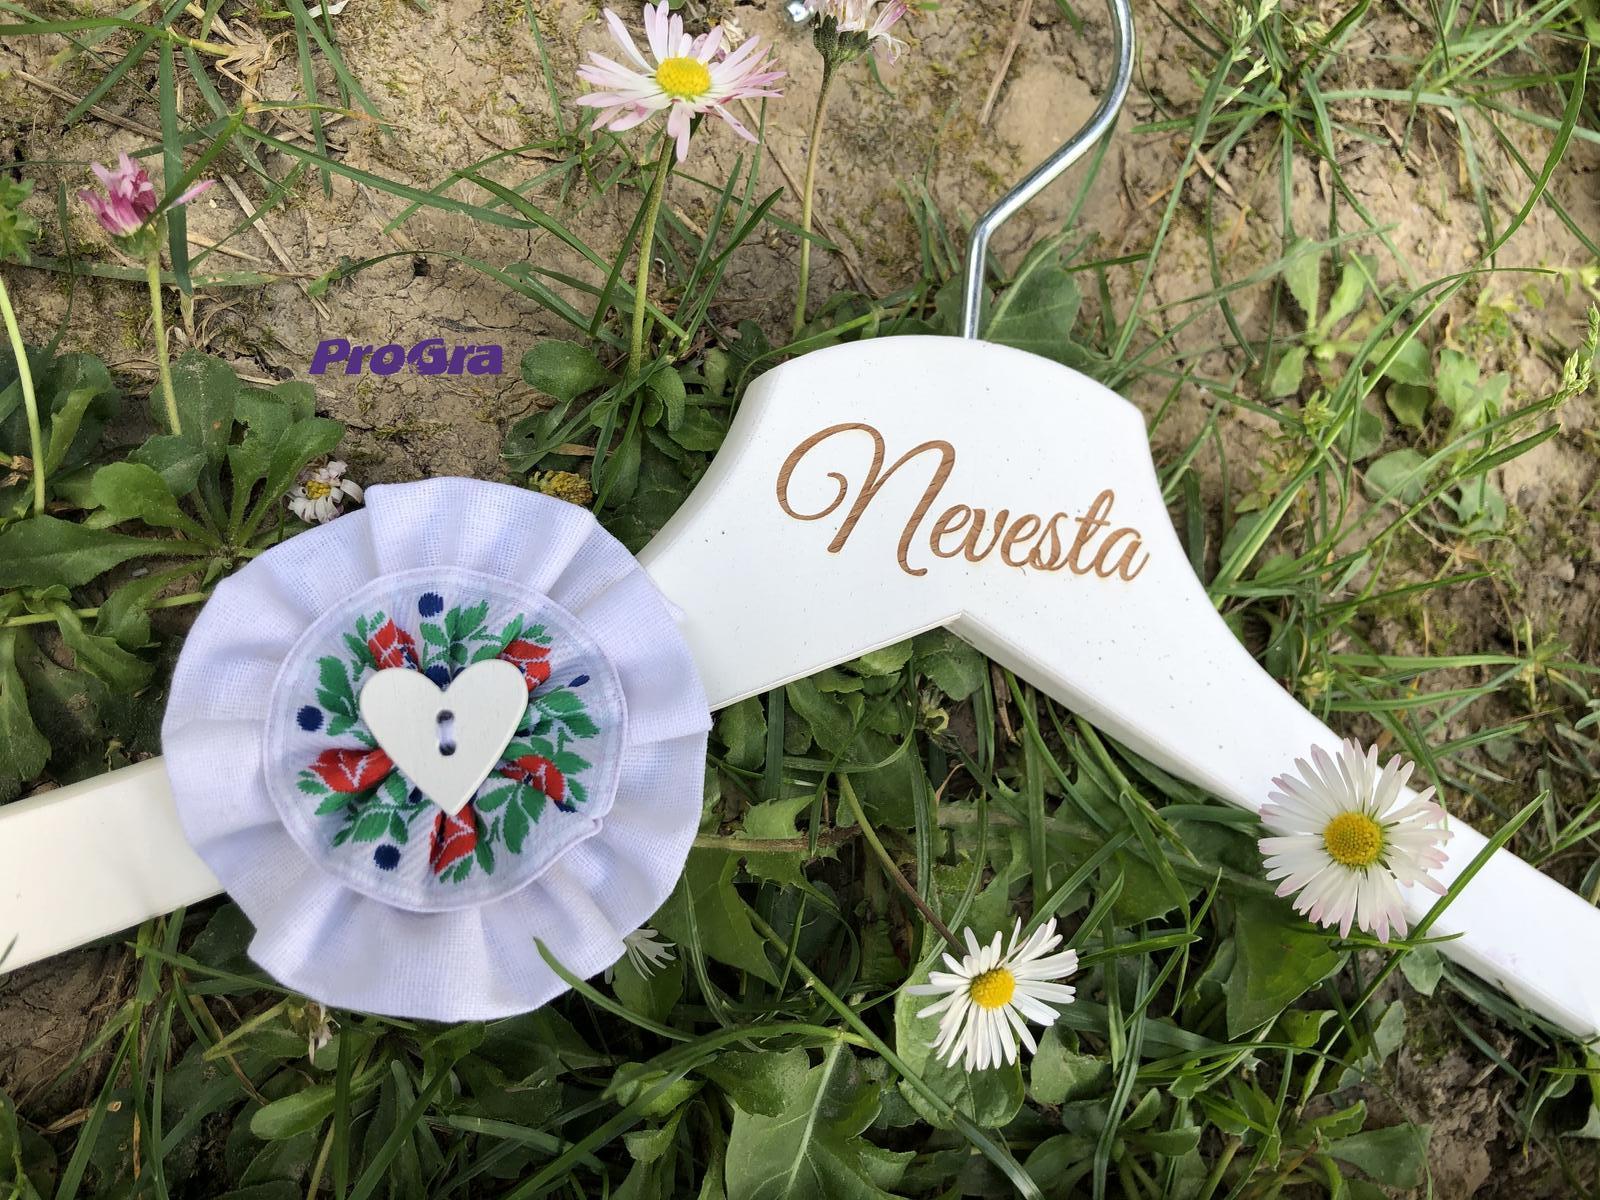 Detaily pre Váš svadobný deň - Krásne vešiačiky na fotenie a video vo folklórnom štýle